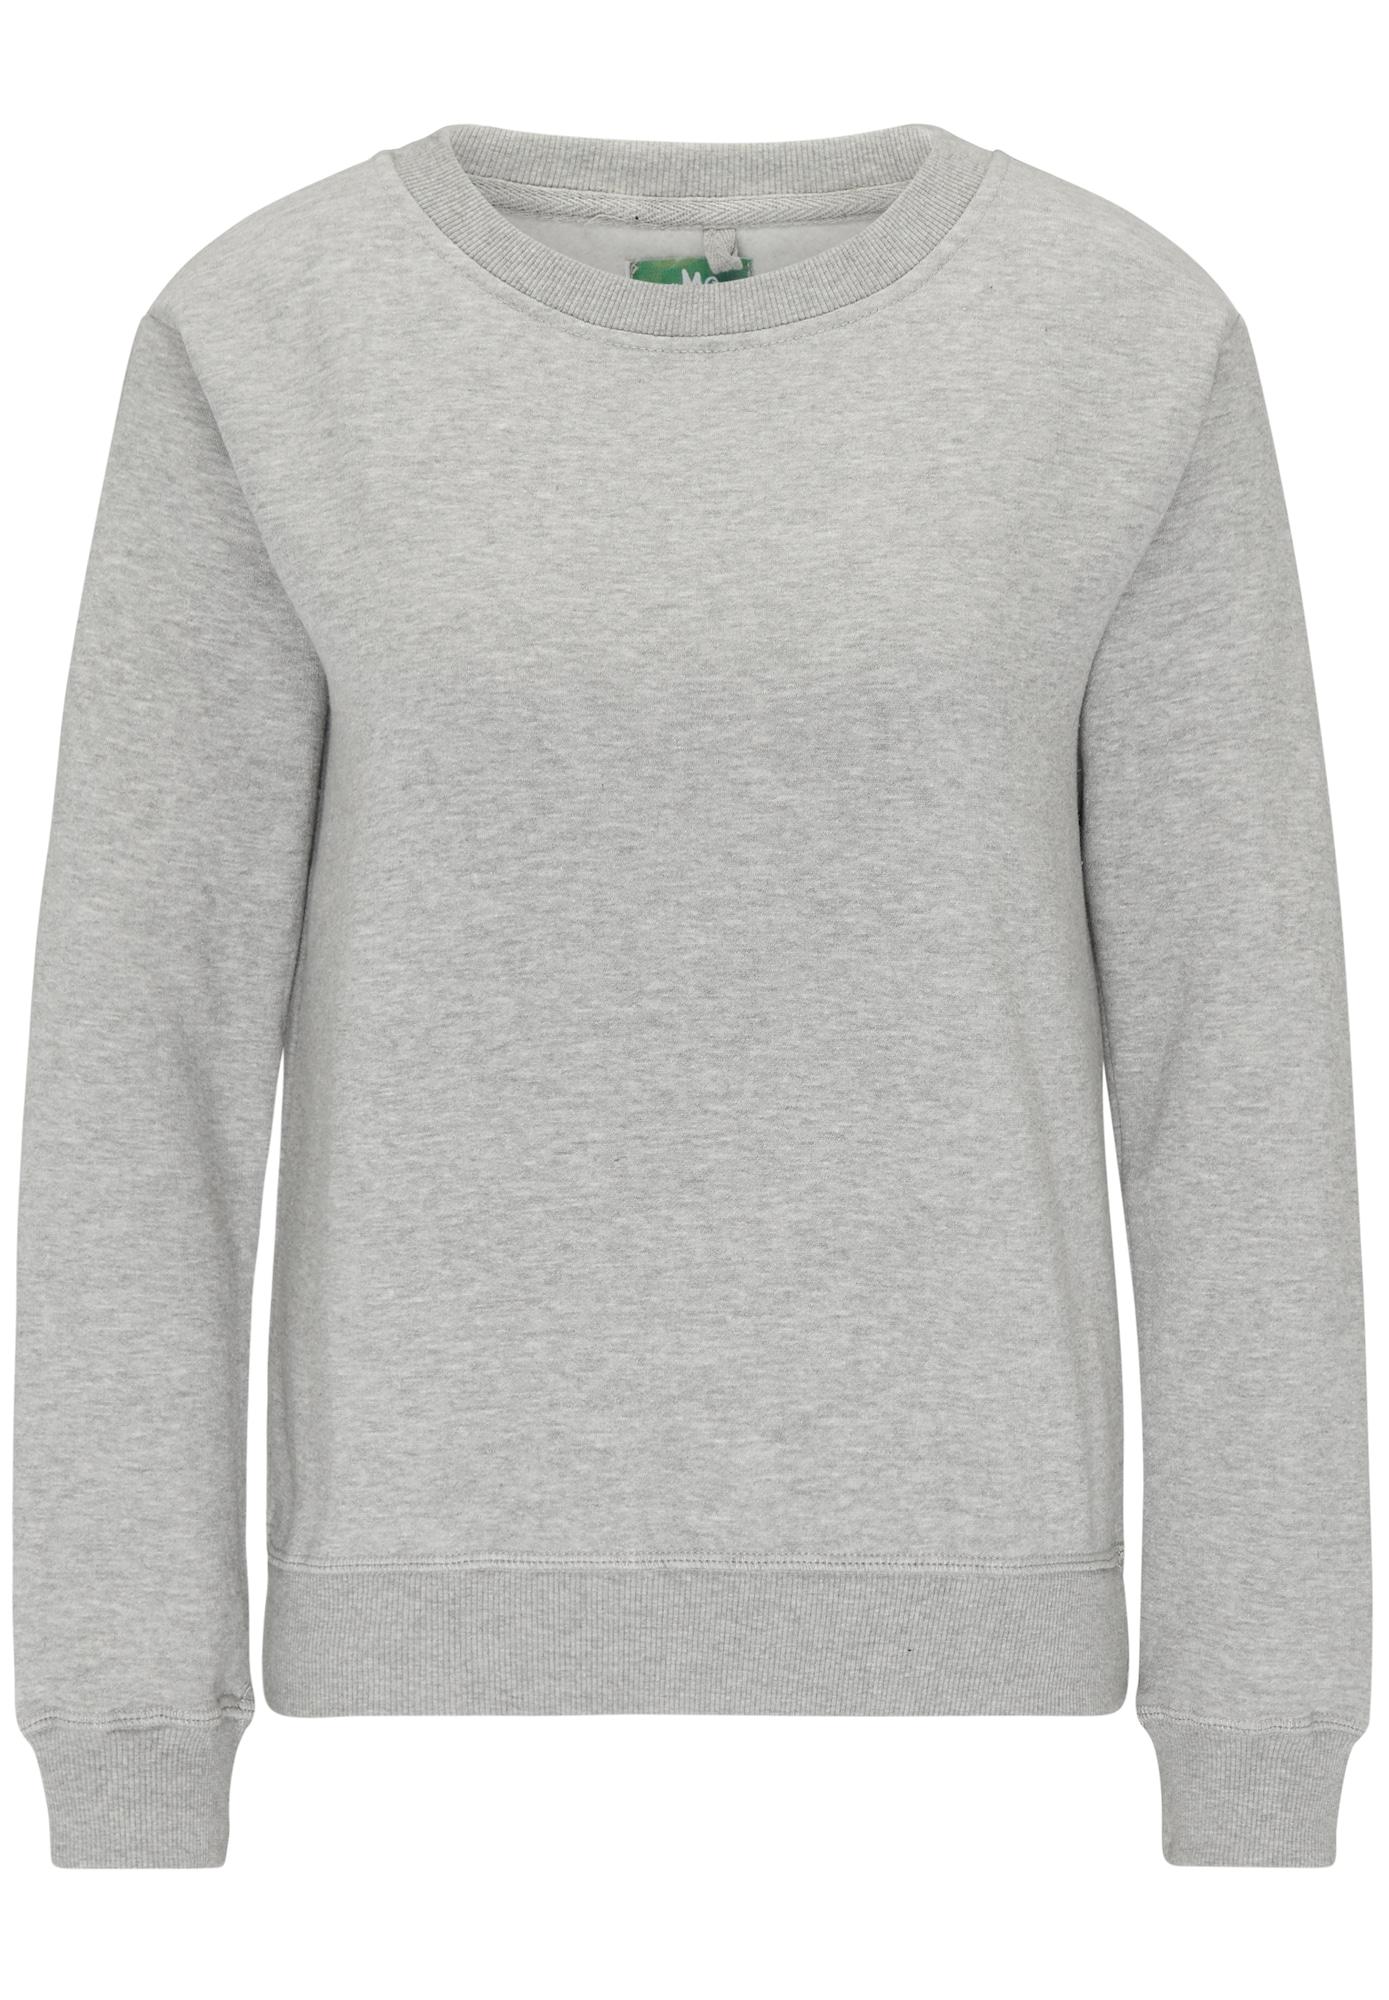 Vogue Trui Kopen.Sweaters Online Kopen Fashionchick Nl Alle Sweater Trends